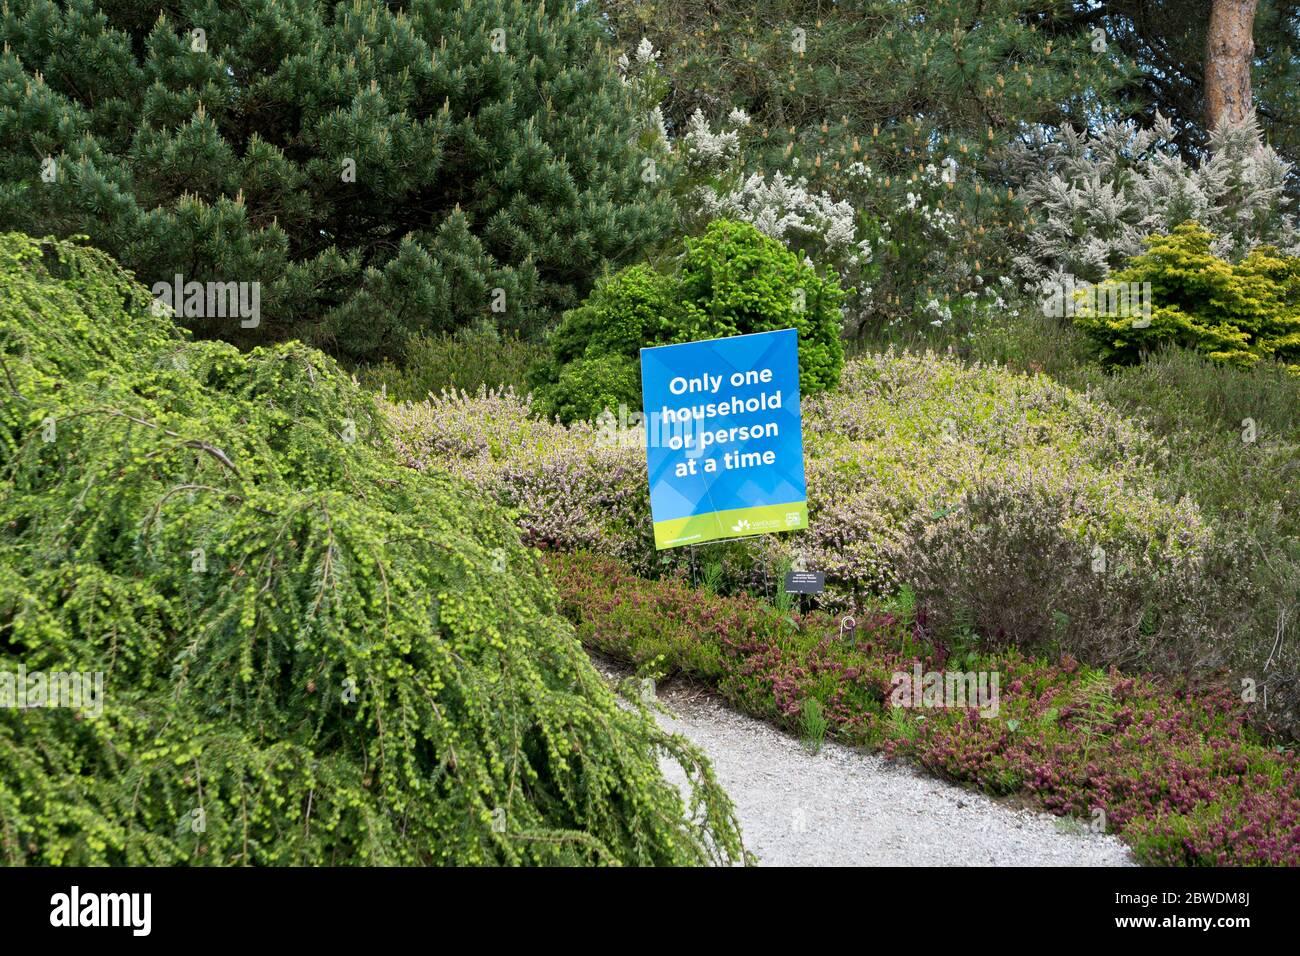 Señales con instrucciones para promover el distanciamiento social durante la pandemia de covid19 en el jardín botánico vandusen. Foto de stock